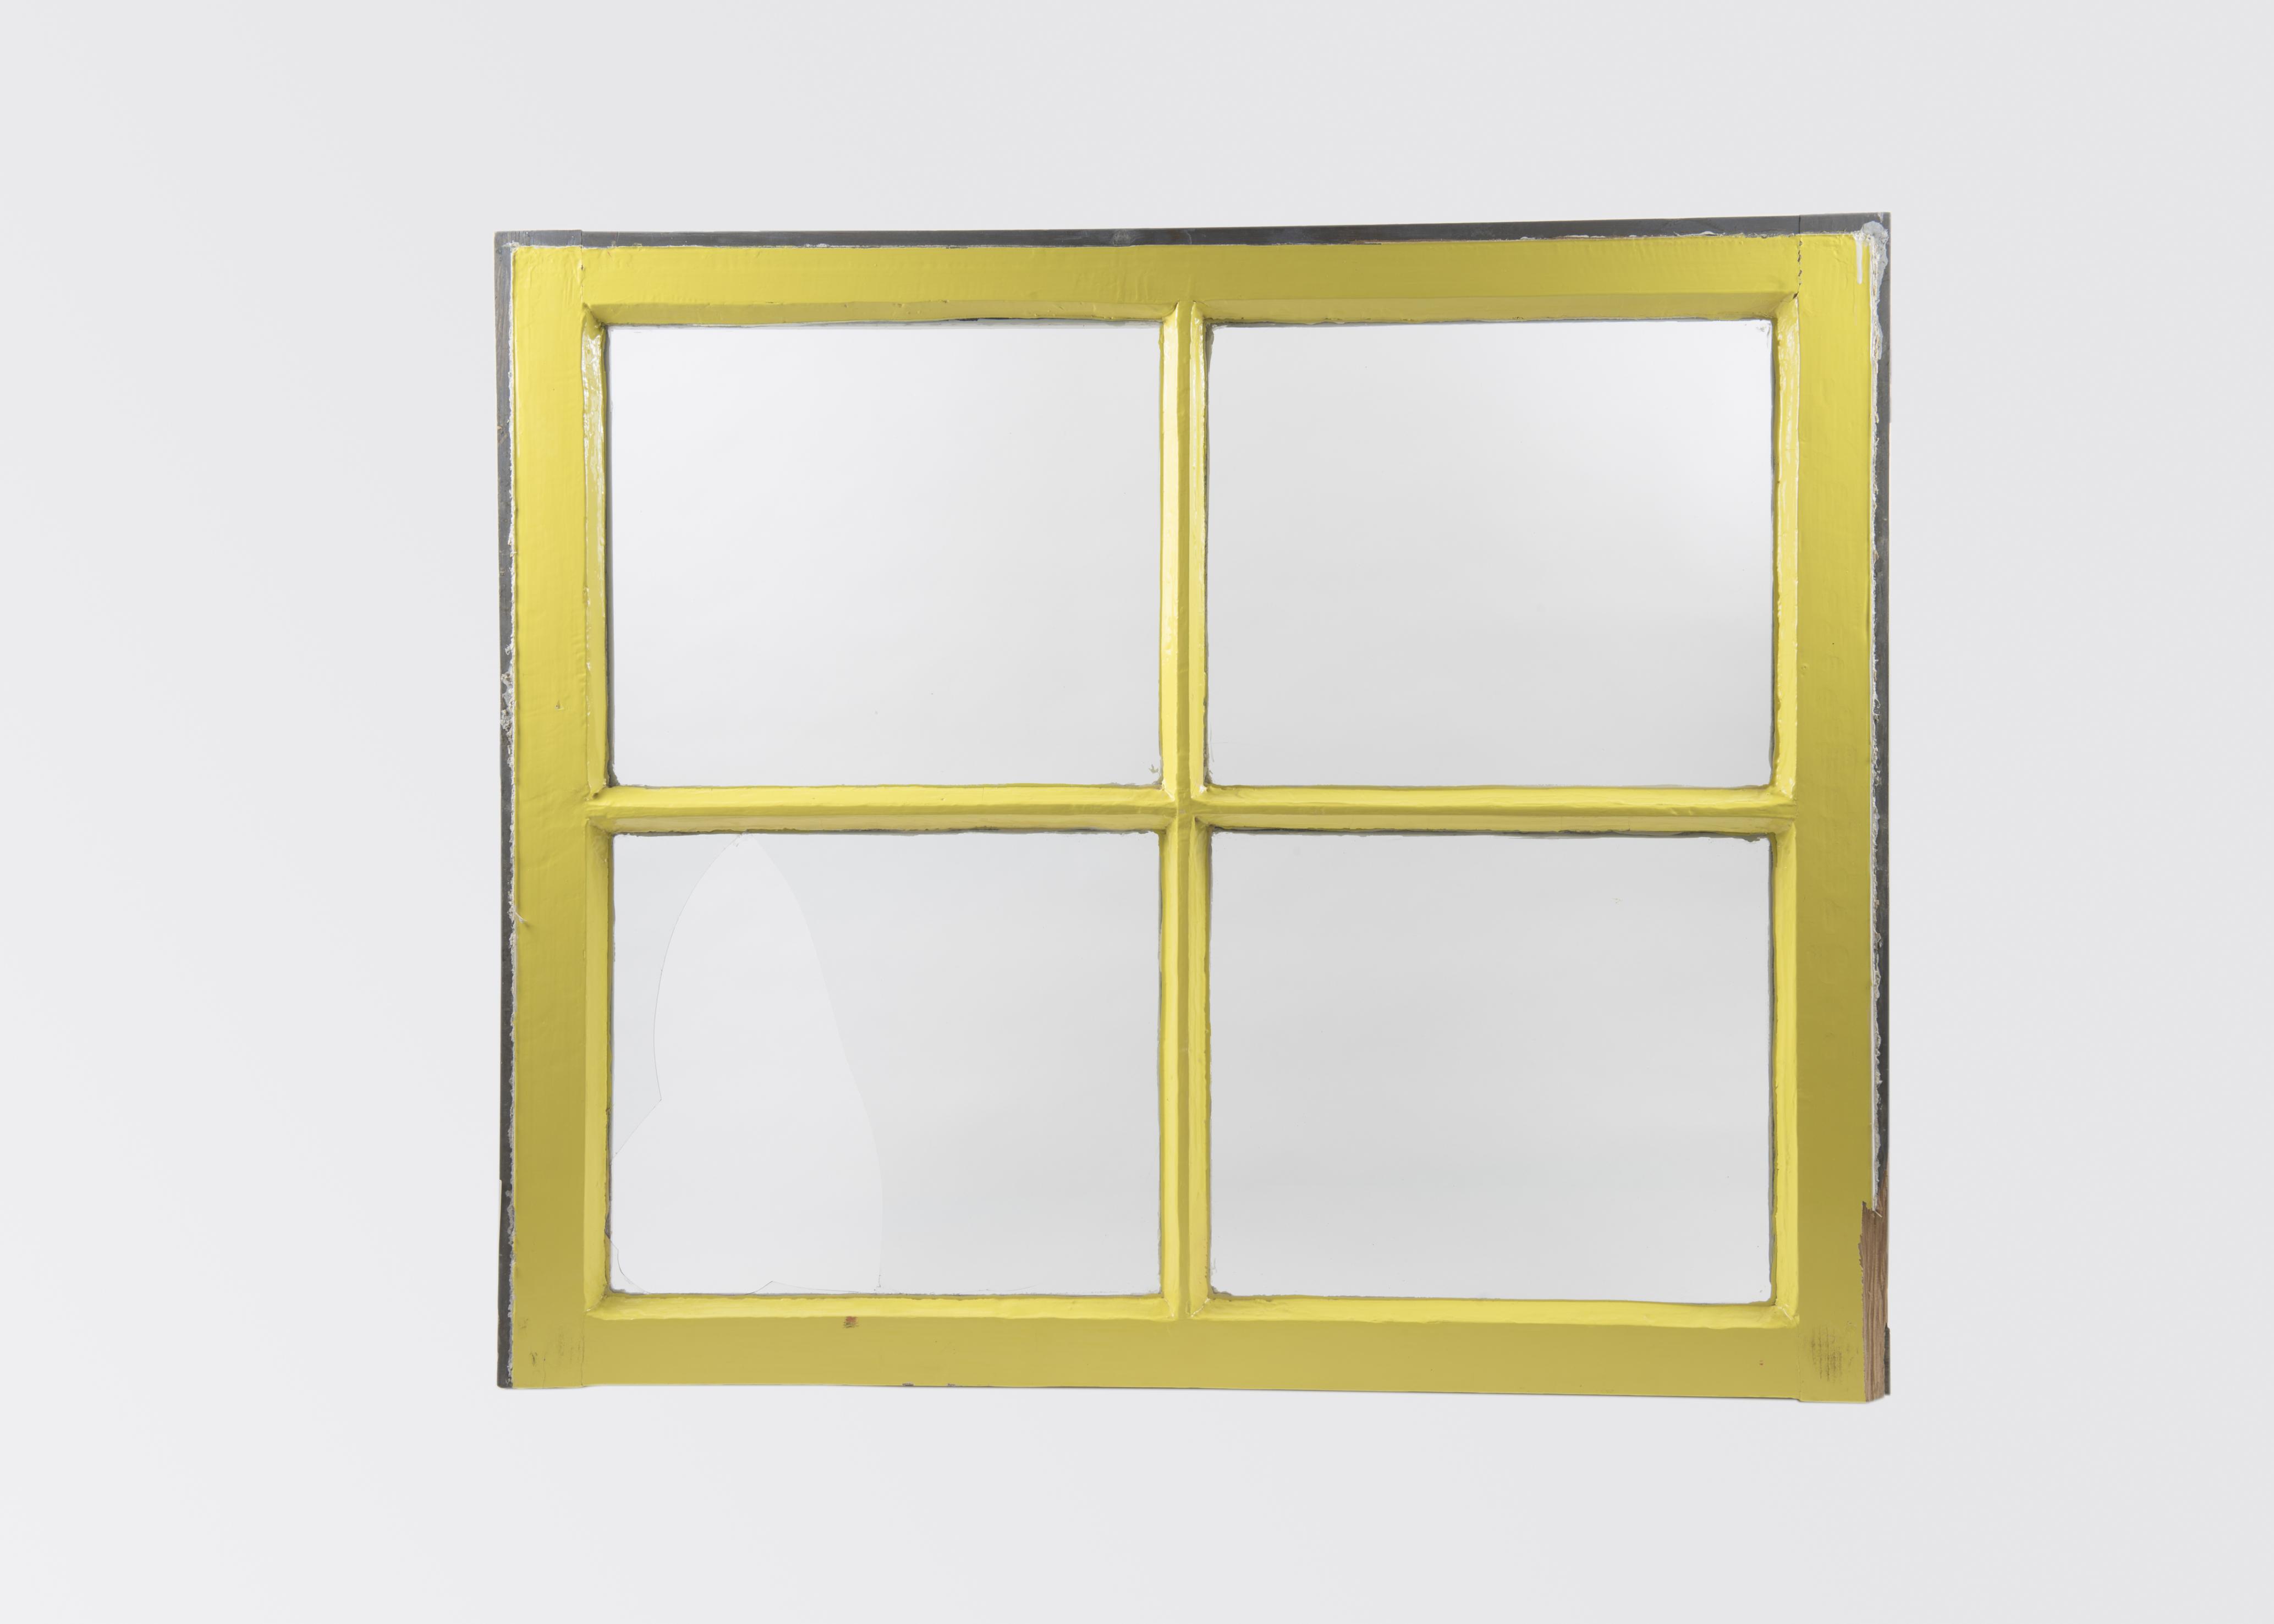 Geel raam kozijn